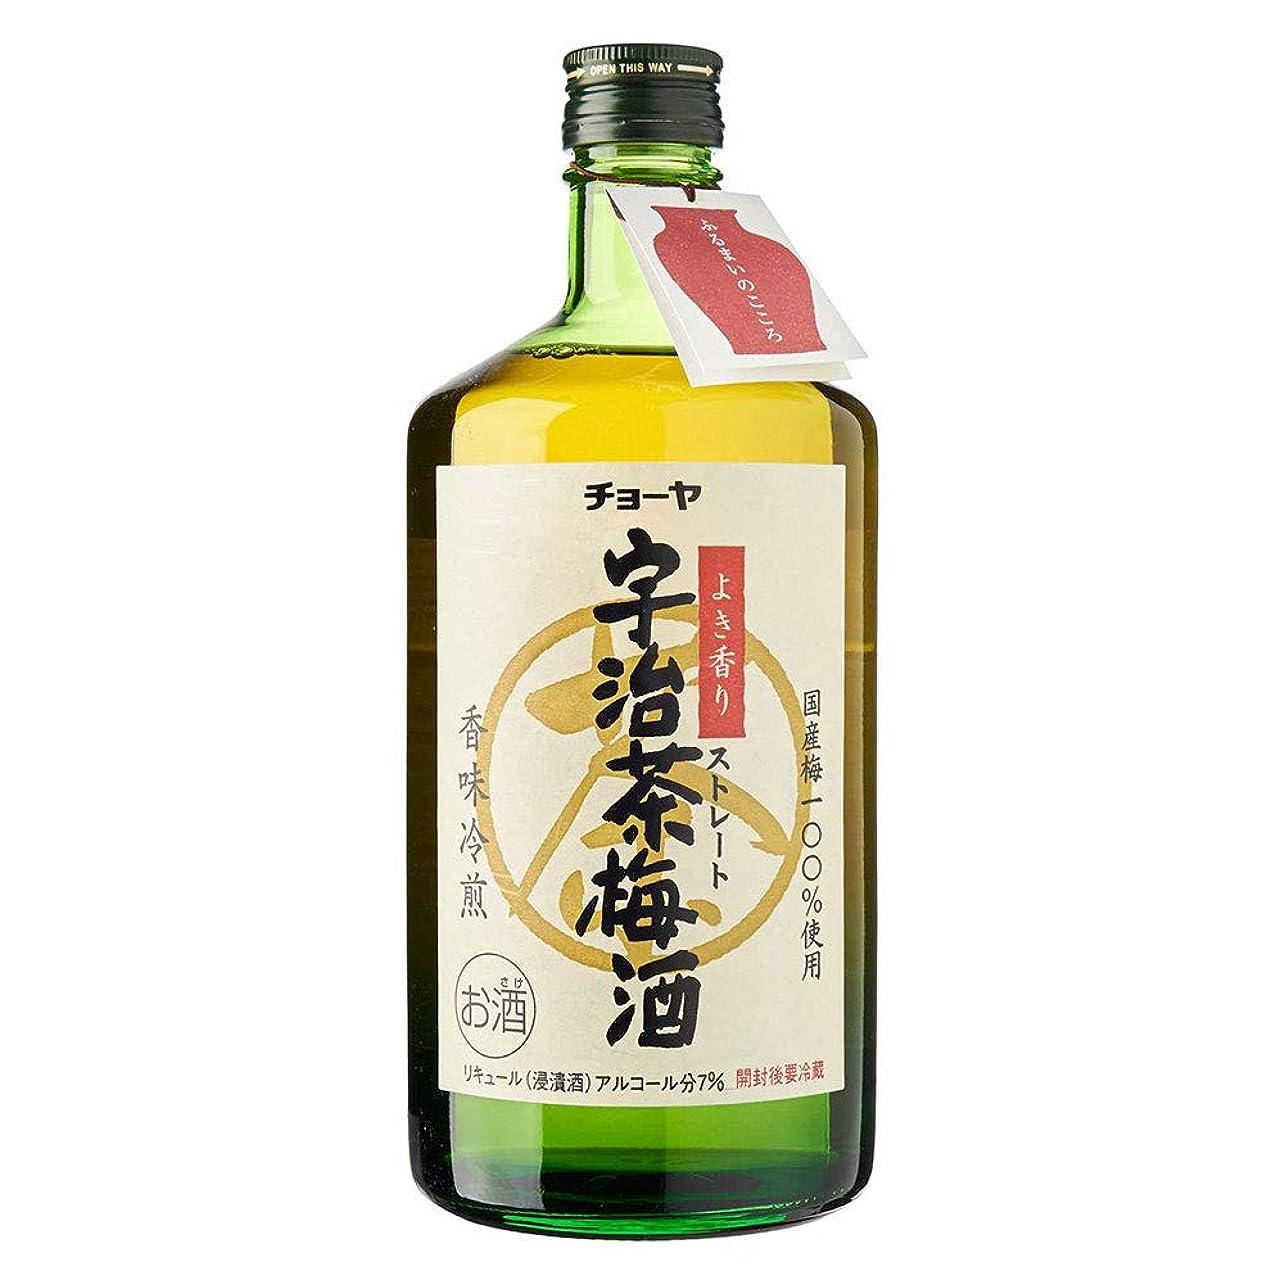 シャワーアクティビティコンサートチョーヤ 宇治茶梅酒 [ 720ml ]